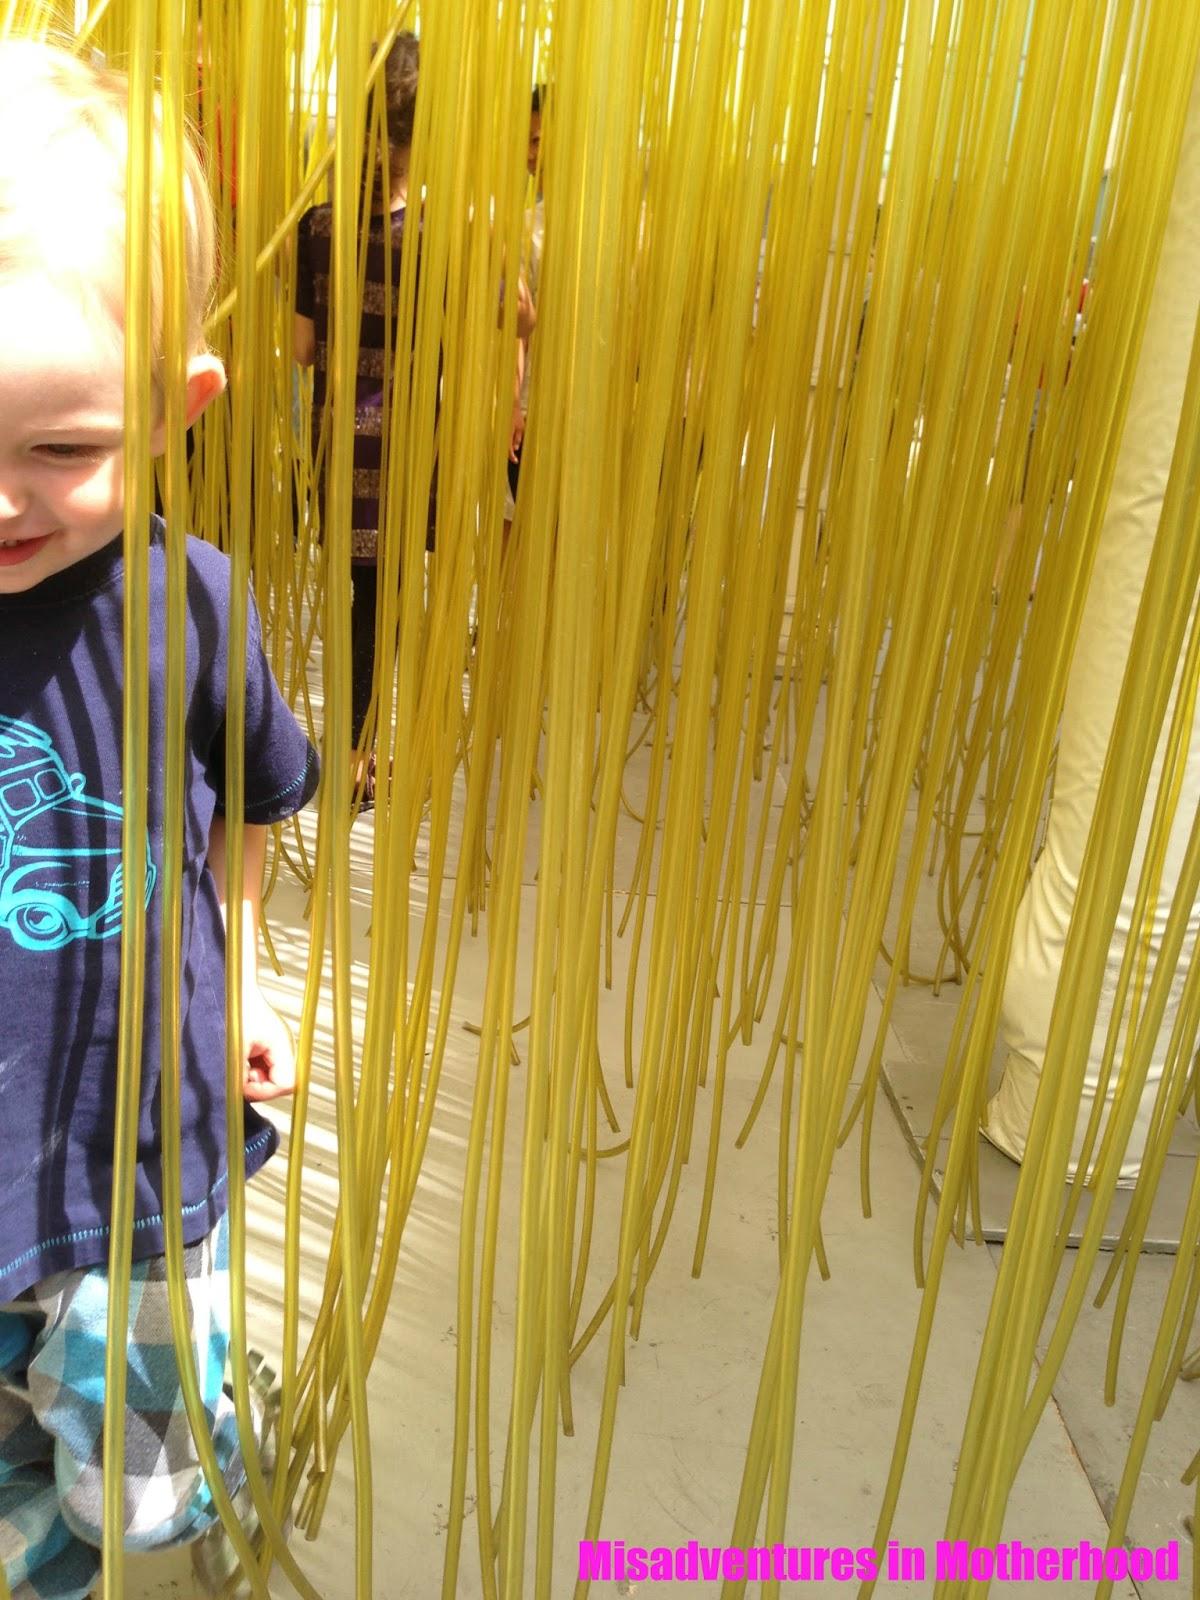 Noodles at LACMA